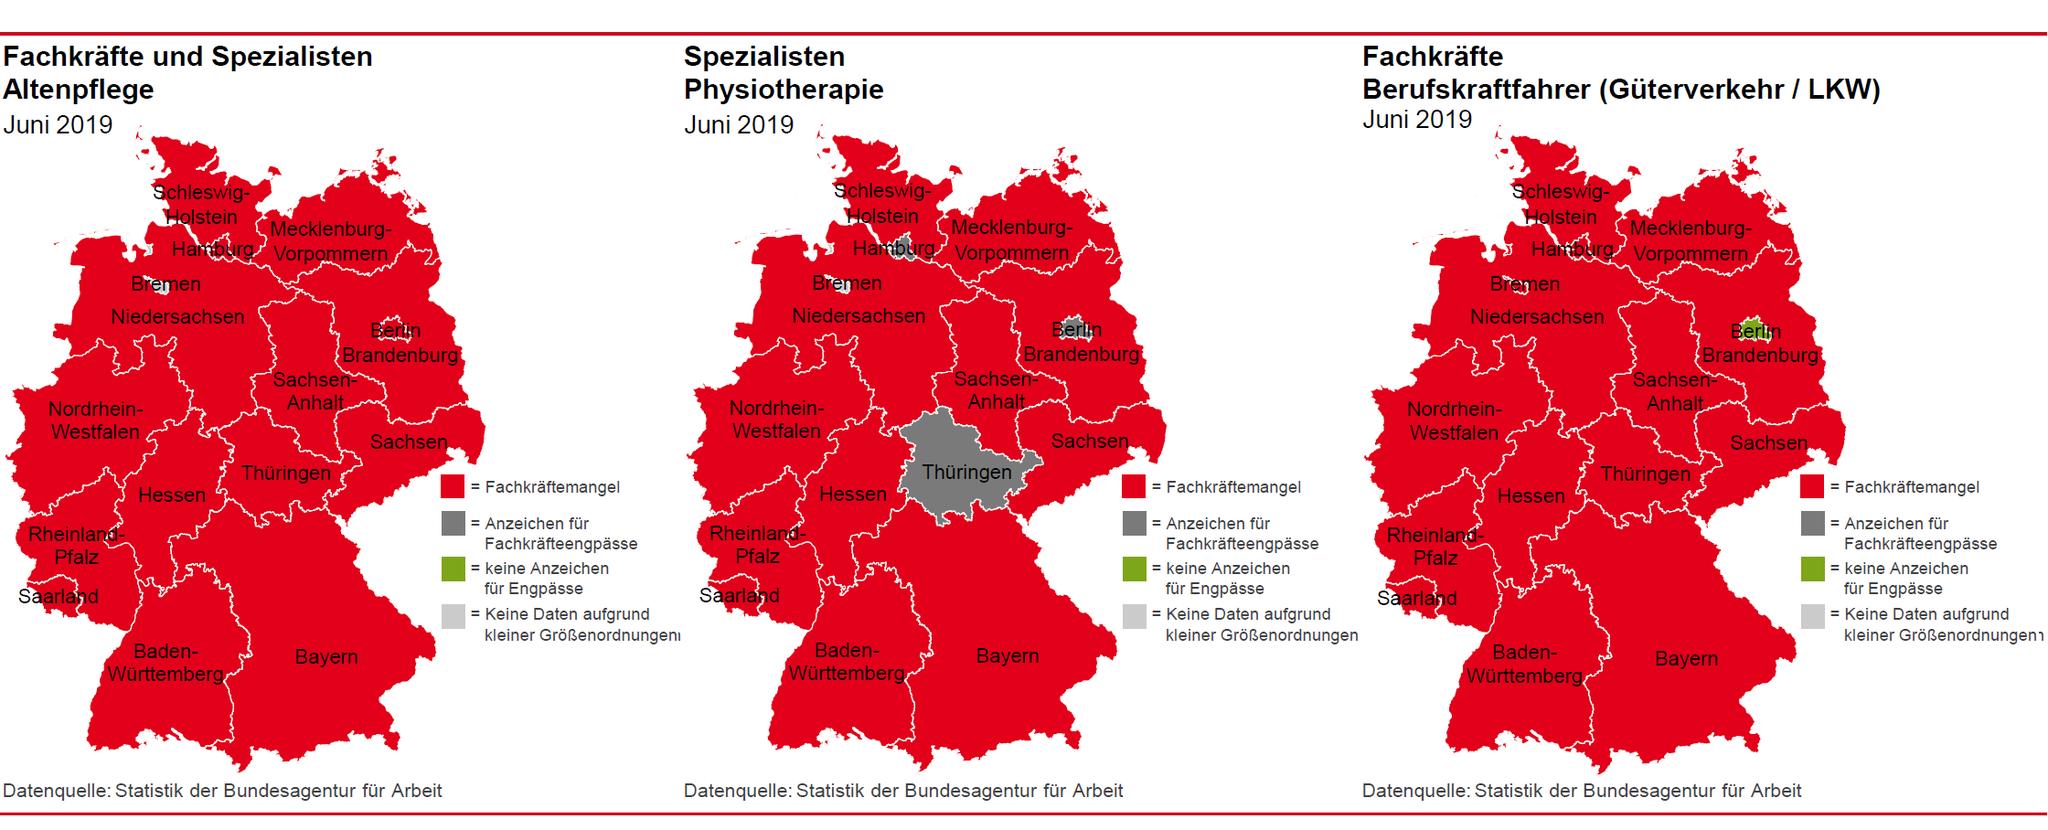 Германия открывает ворота соискателям со средним профессиональным образованием